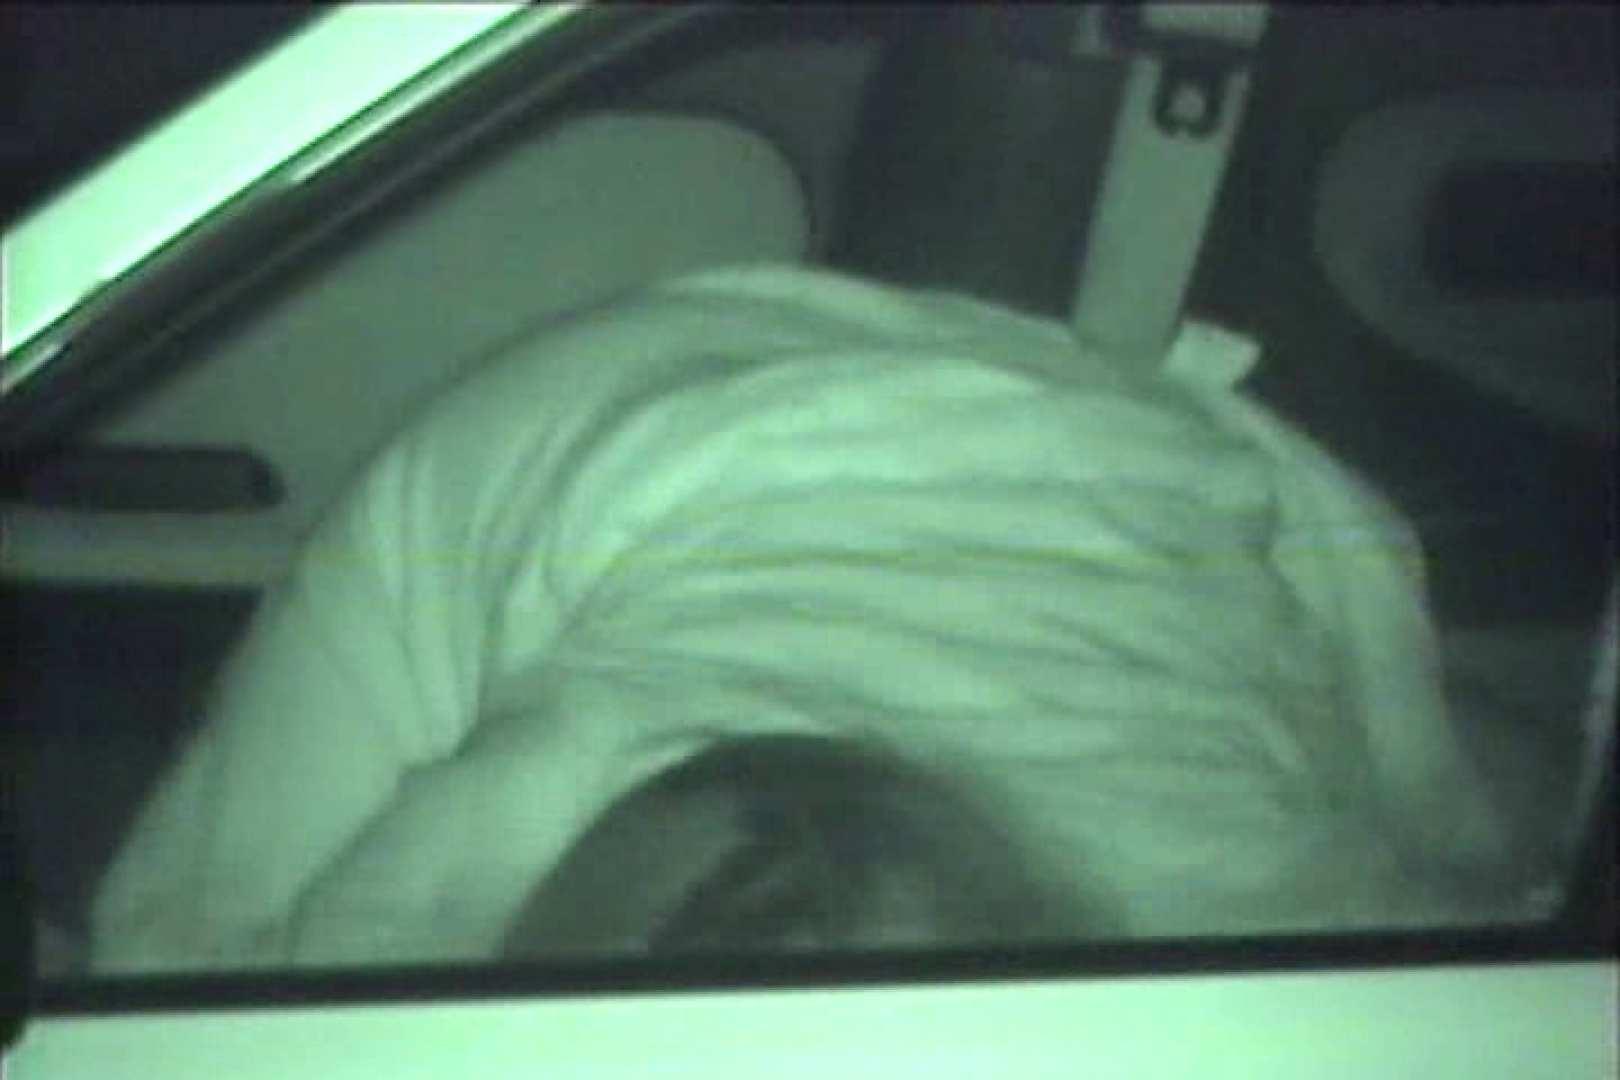 車の中はラブホテル 無修正版  Vol.17 車の中のカップル オマンコ無修正動画無料 97画像 81